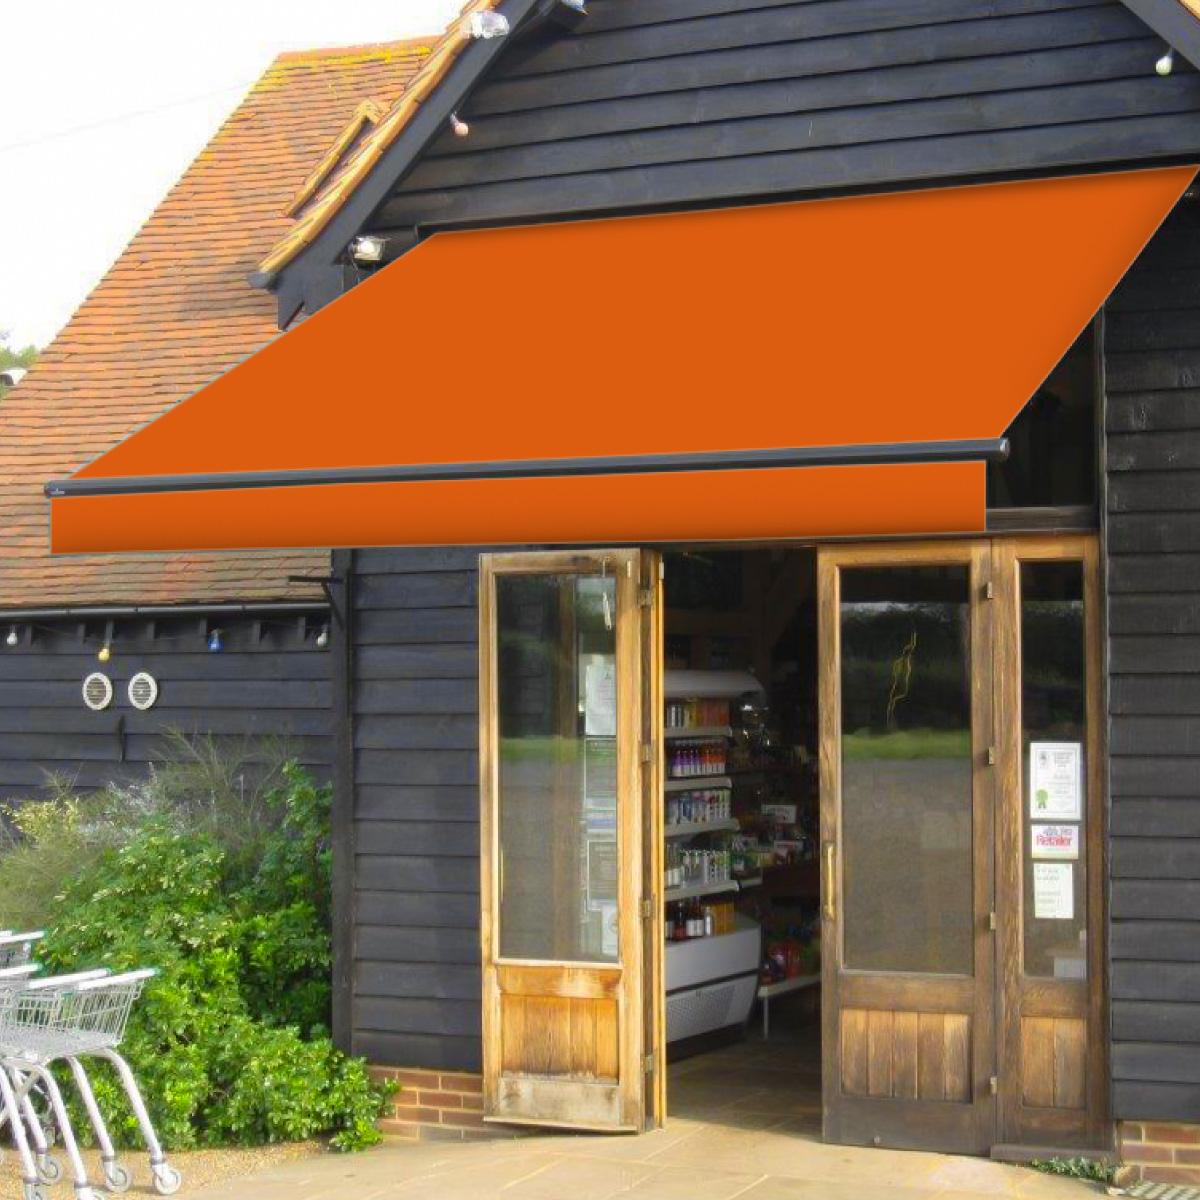 人気のオーニングテント 新色続々入荷中 カフェ ショップ テラス お庭でオープンカフェいかがですか  オーニングテント 幅2m×張出1.5m 橙/オレンジ 黒フレーム 折り畳み 伸縮 巻き上げ式 日除けテント サンシェード ベランダ バルコニー カフェ オープンテラス 紫外線 UVカット 遮熱 断熱 エコ ハンドル式 簡単収納 _71081